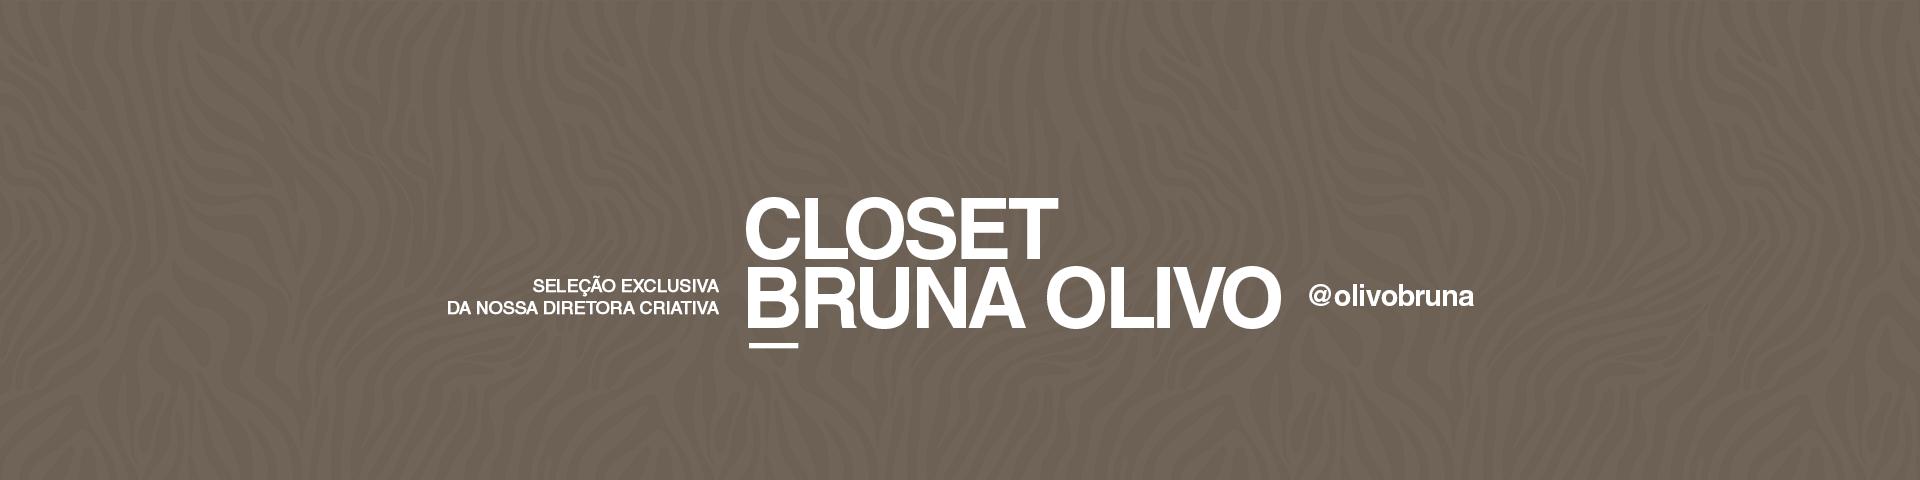 banner-bruna